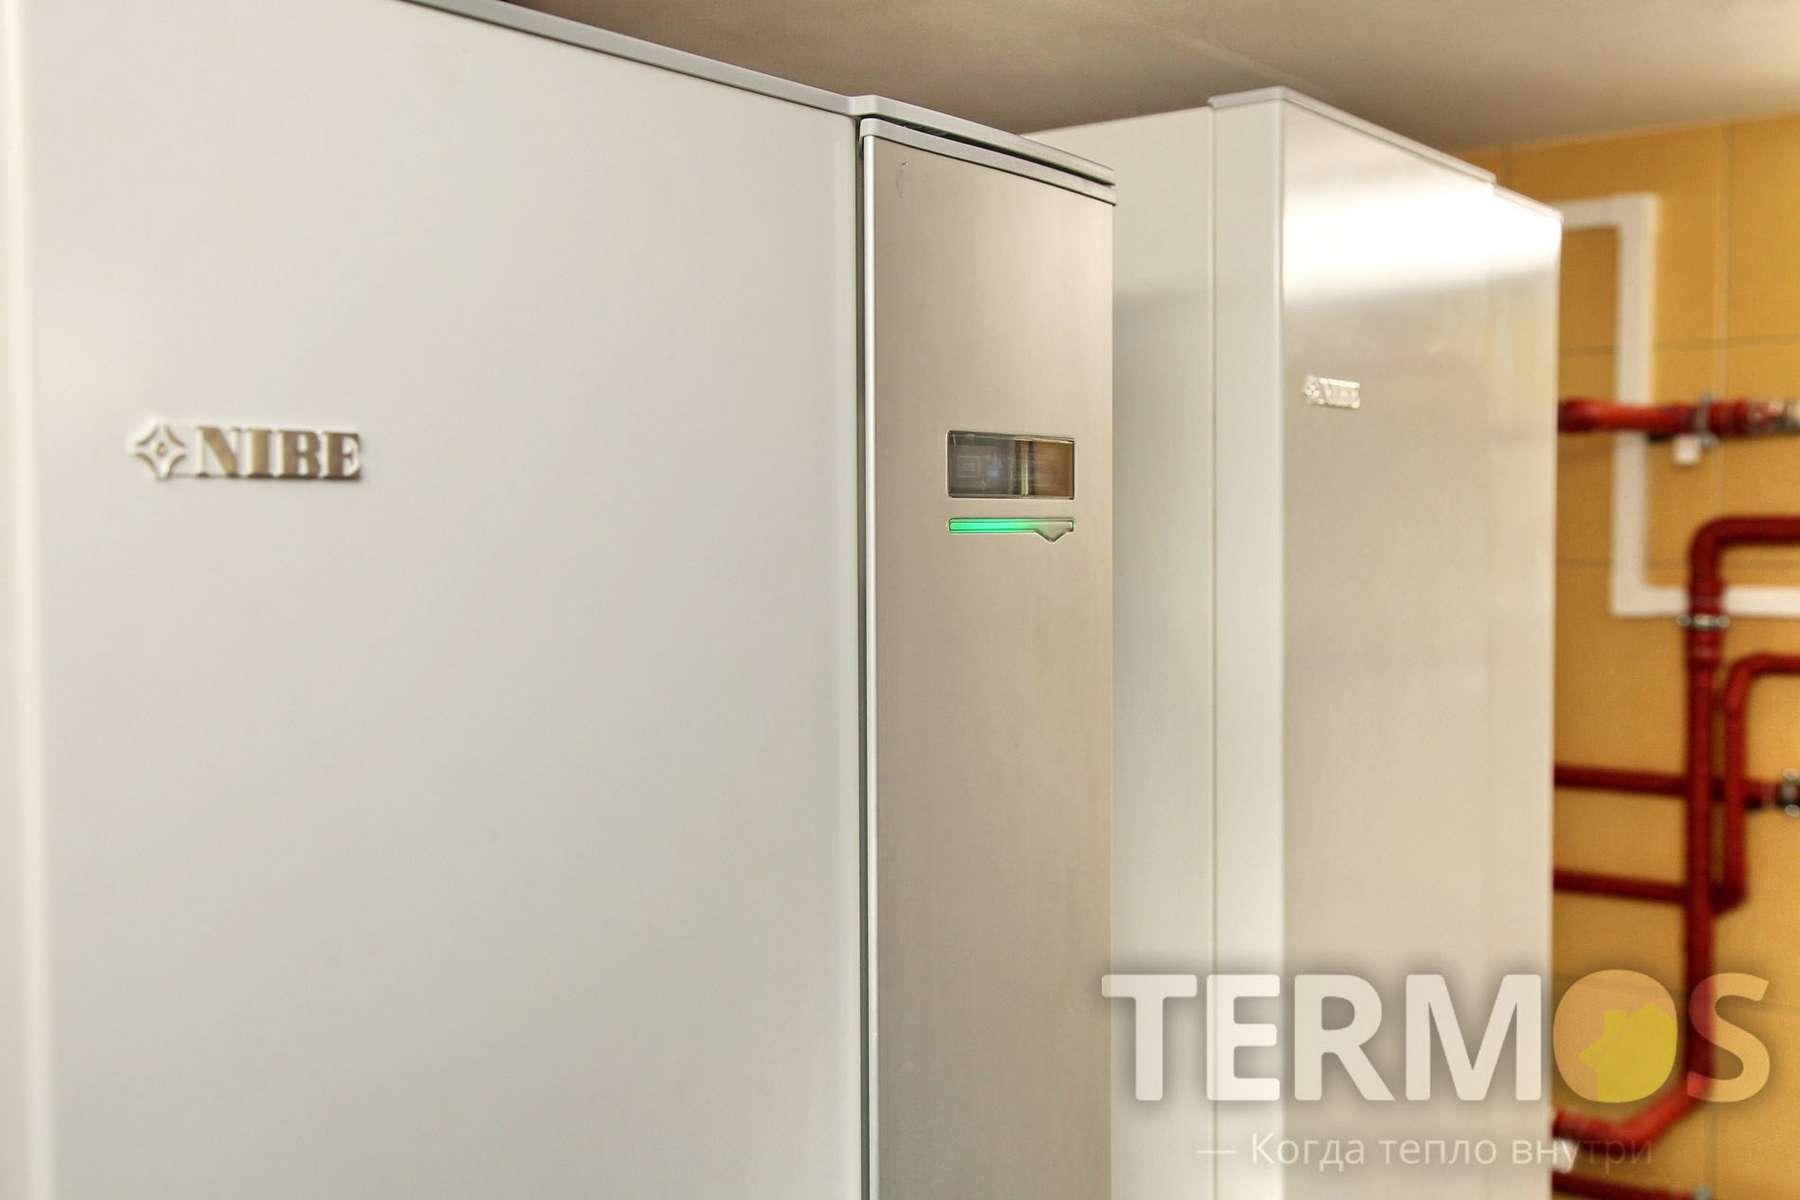 Сумы. Дом 350 кв м. Геотермальный тепловой насос NIBE (Швеция) 16 кВт, с пятью геотермальными скважинами по 75 м